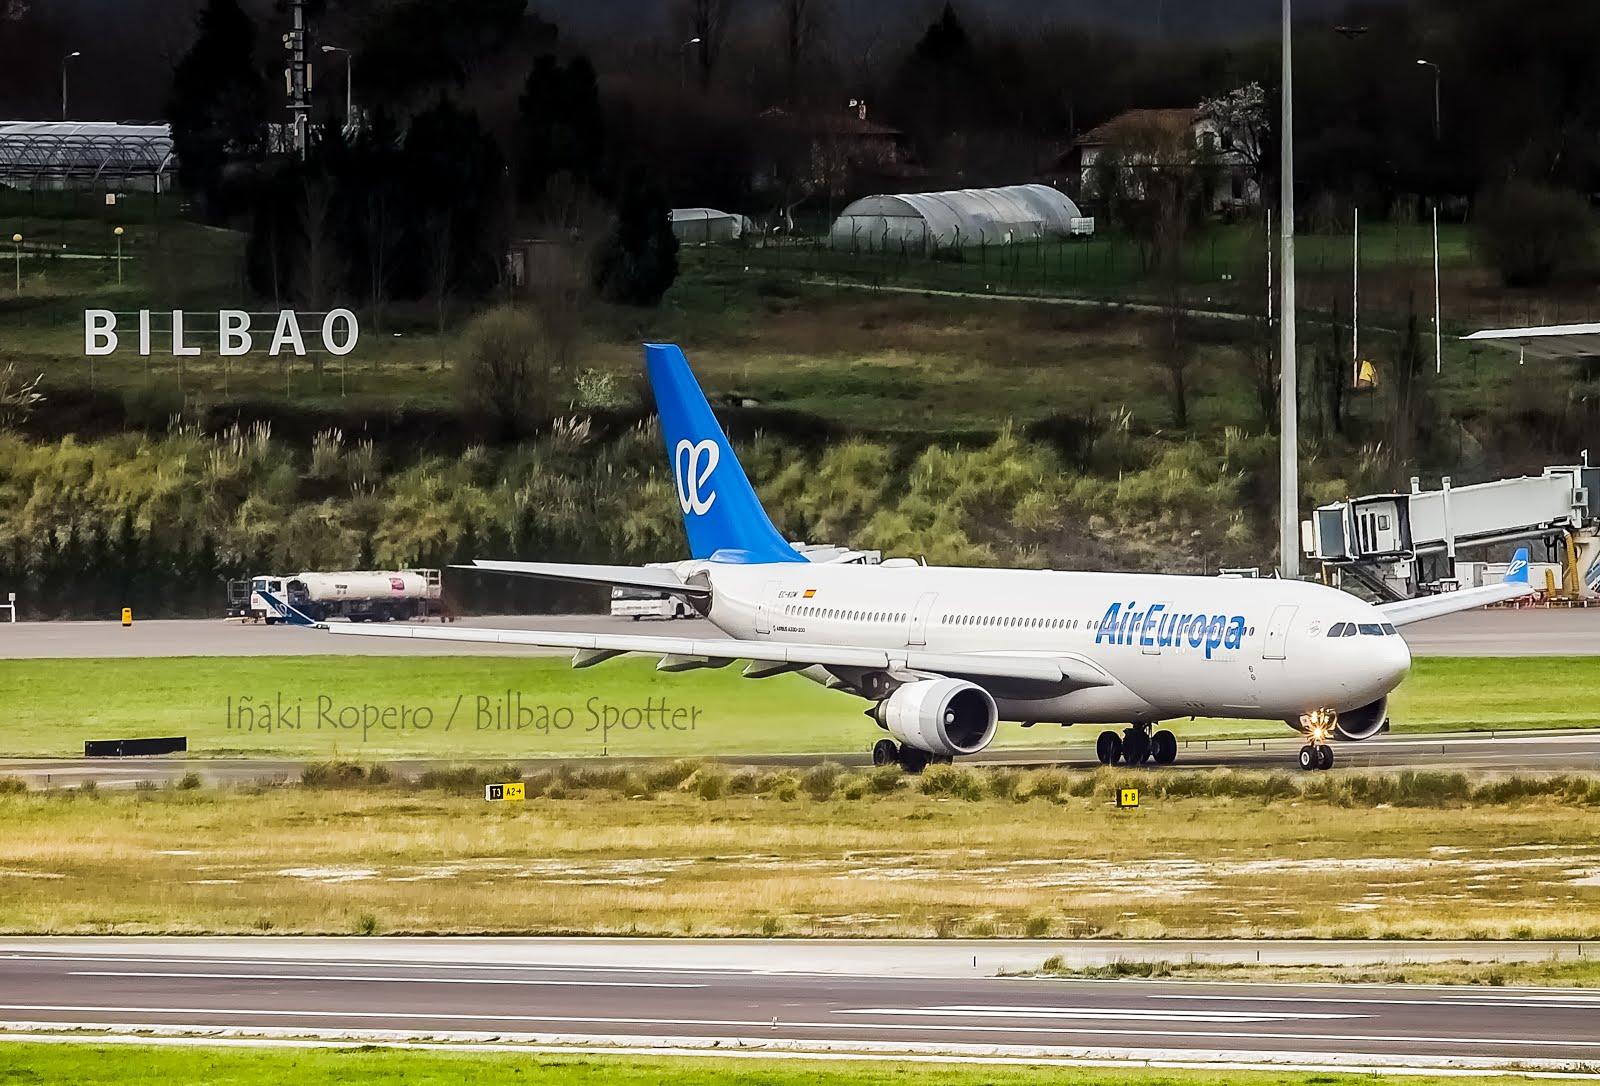 El Airbus A330-200 de Air Europa regresa a Bilbao debido a cancelaciones por el viento